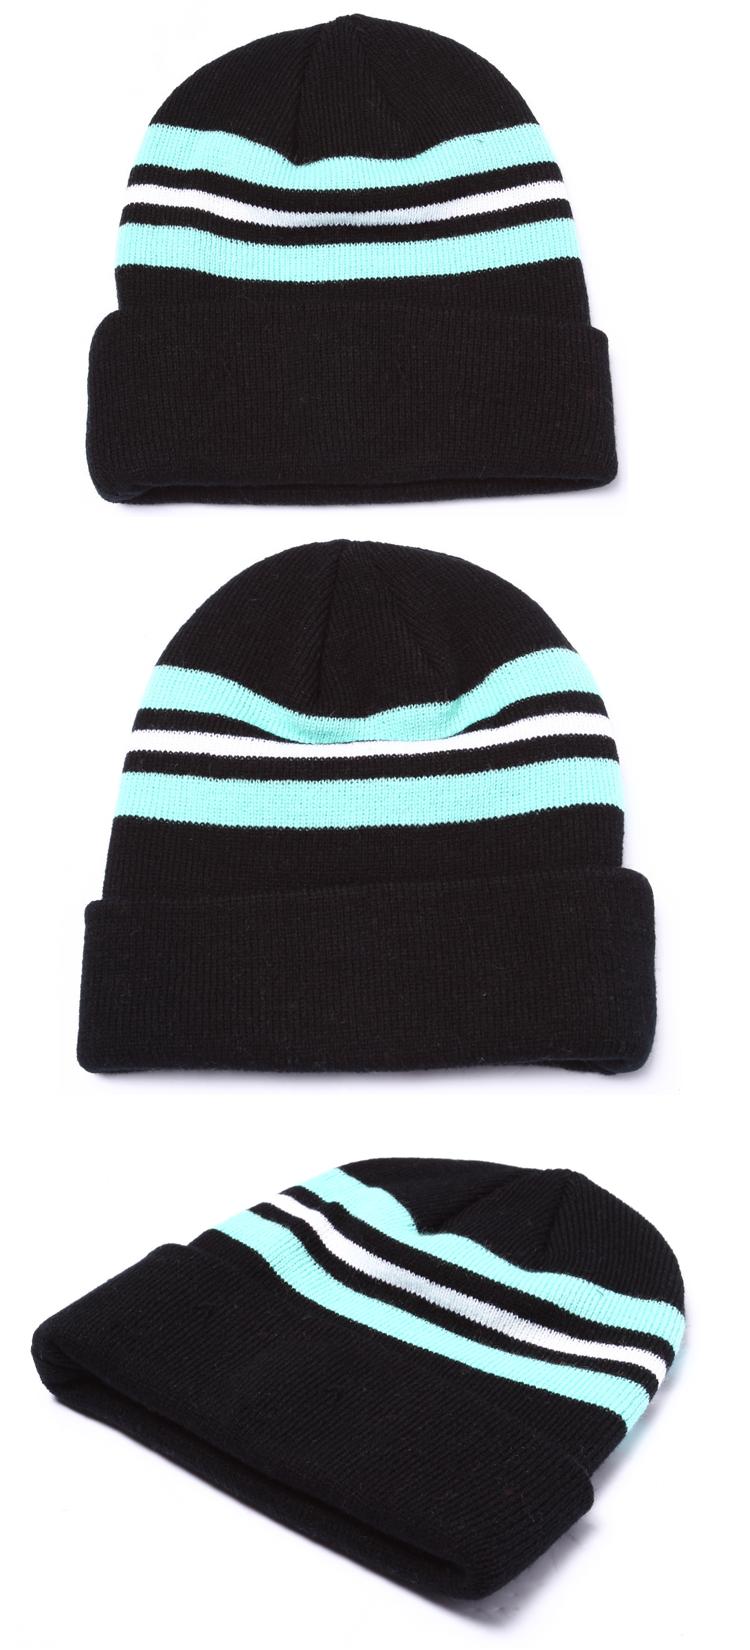 5fb85f2309676 moda Inverno Mão de Malha de Crochê bonés chapéu feito malha das senhoras